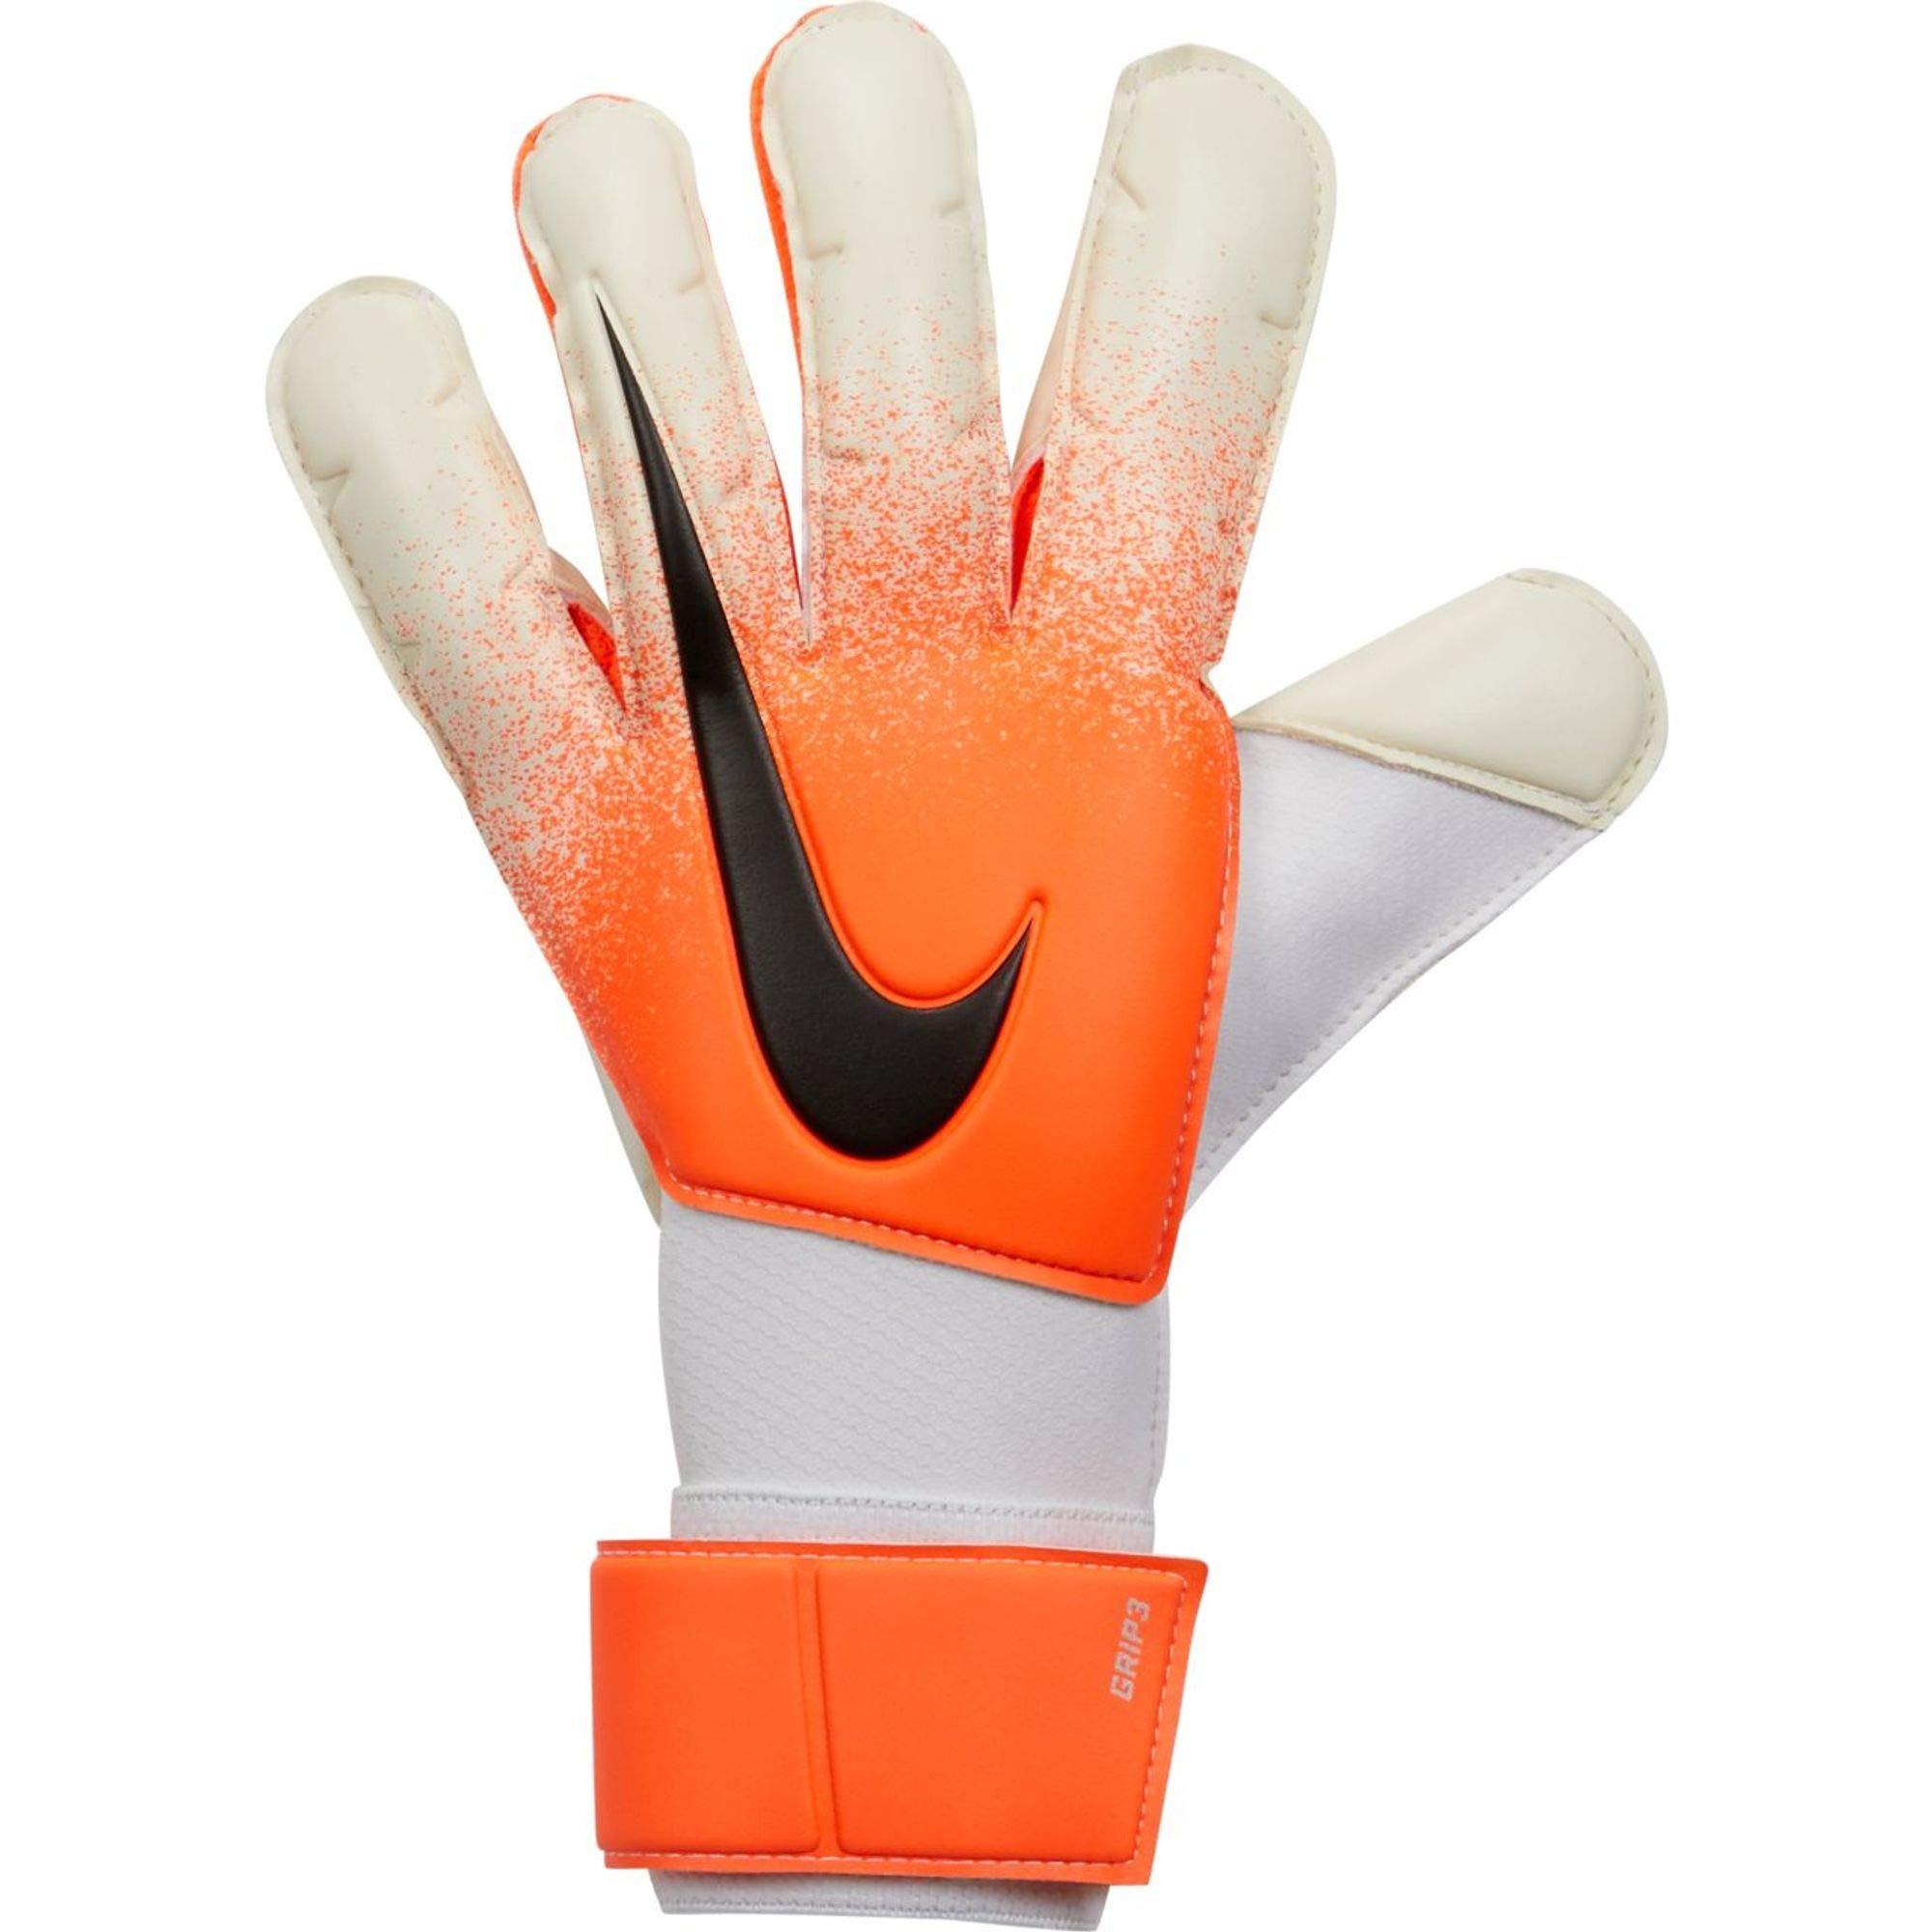 Horno propietario Ser amado  Amazon.com : Nike Vapor Grip3-Size 11 : Sports & Outdoors